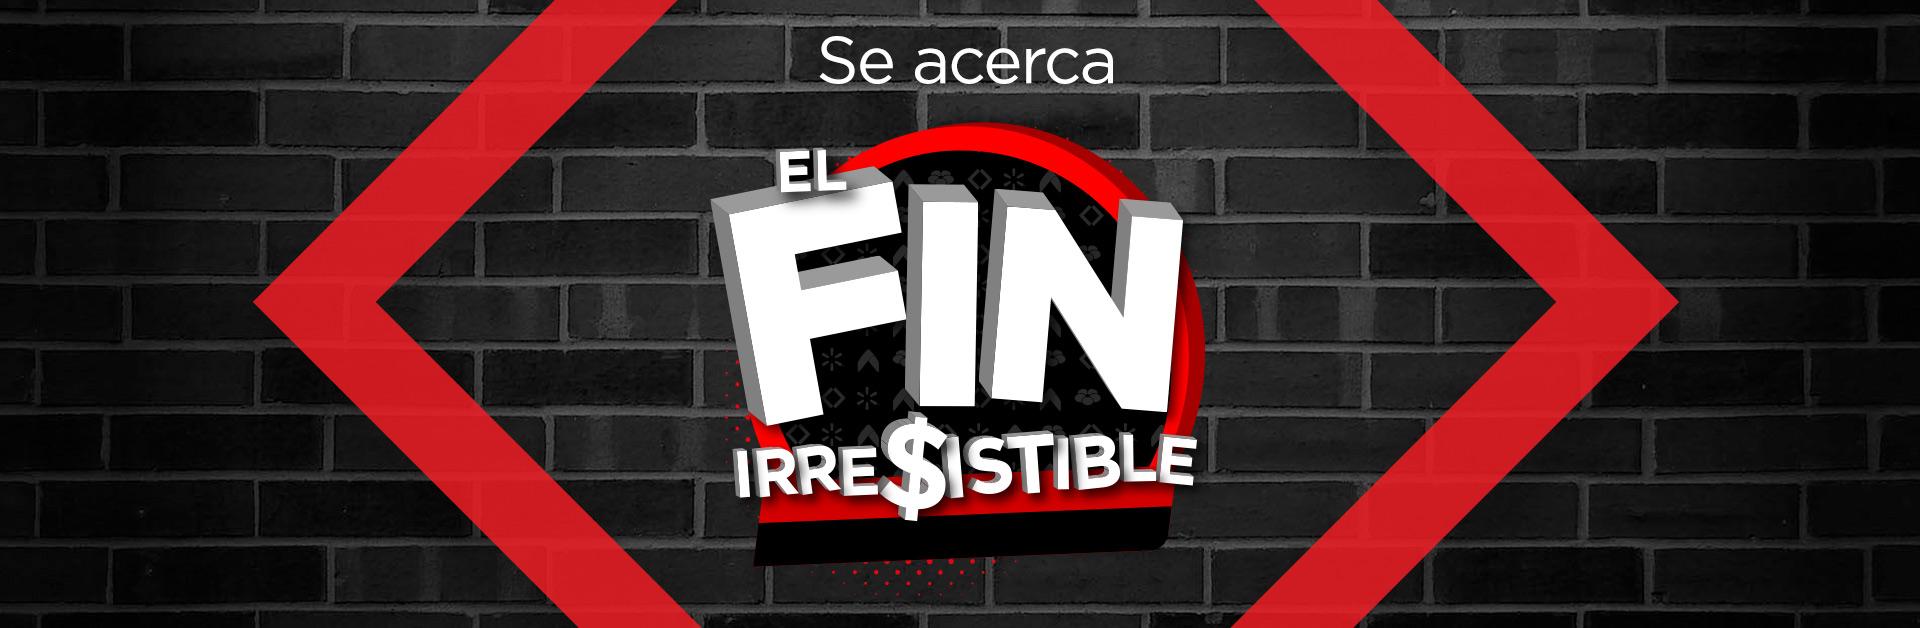 ¡Se acerca El Fin irresistible!